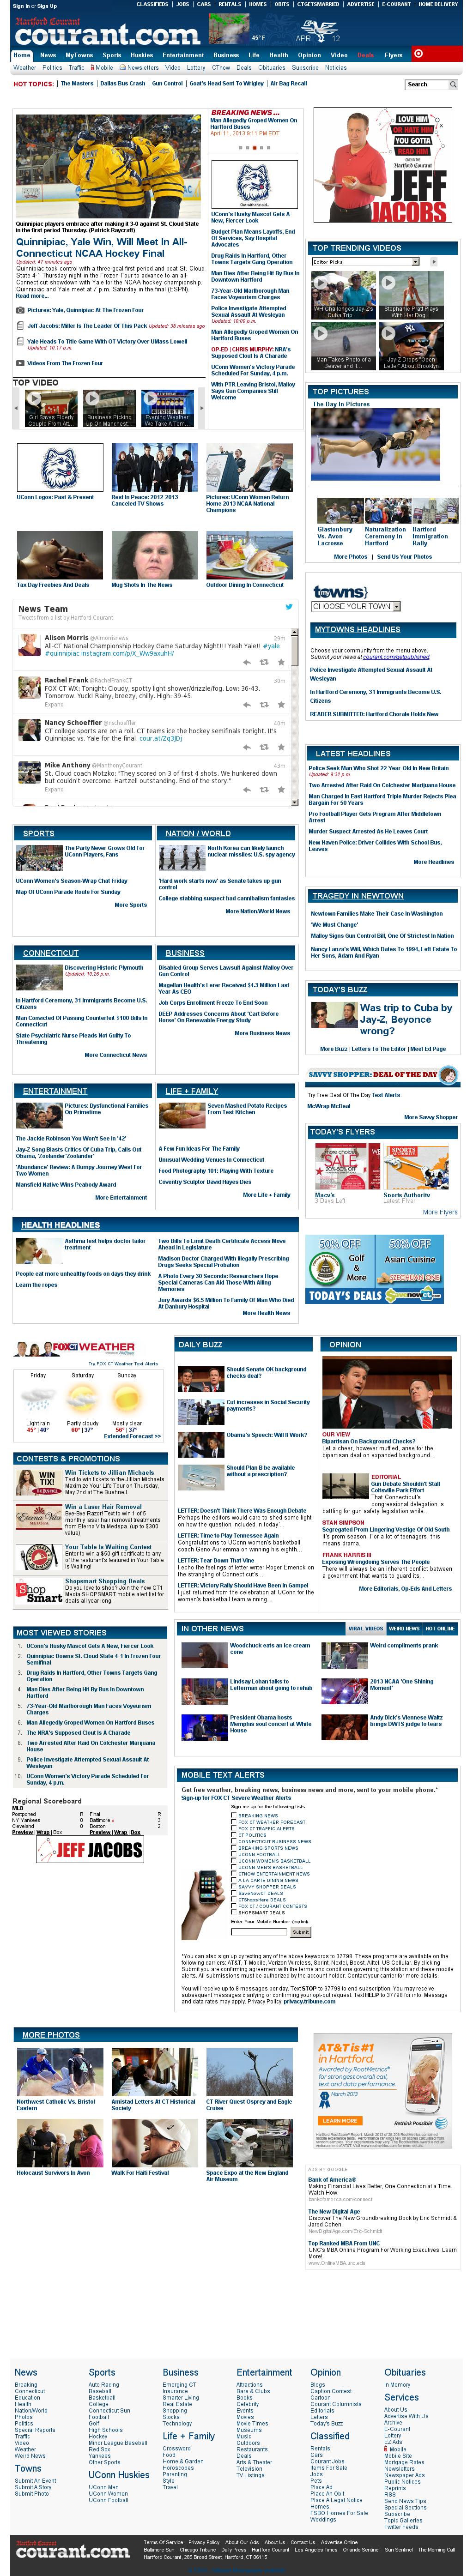 Hartford Courant at Friday April 12, 2013, 4:12 a.m. UTC